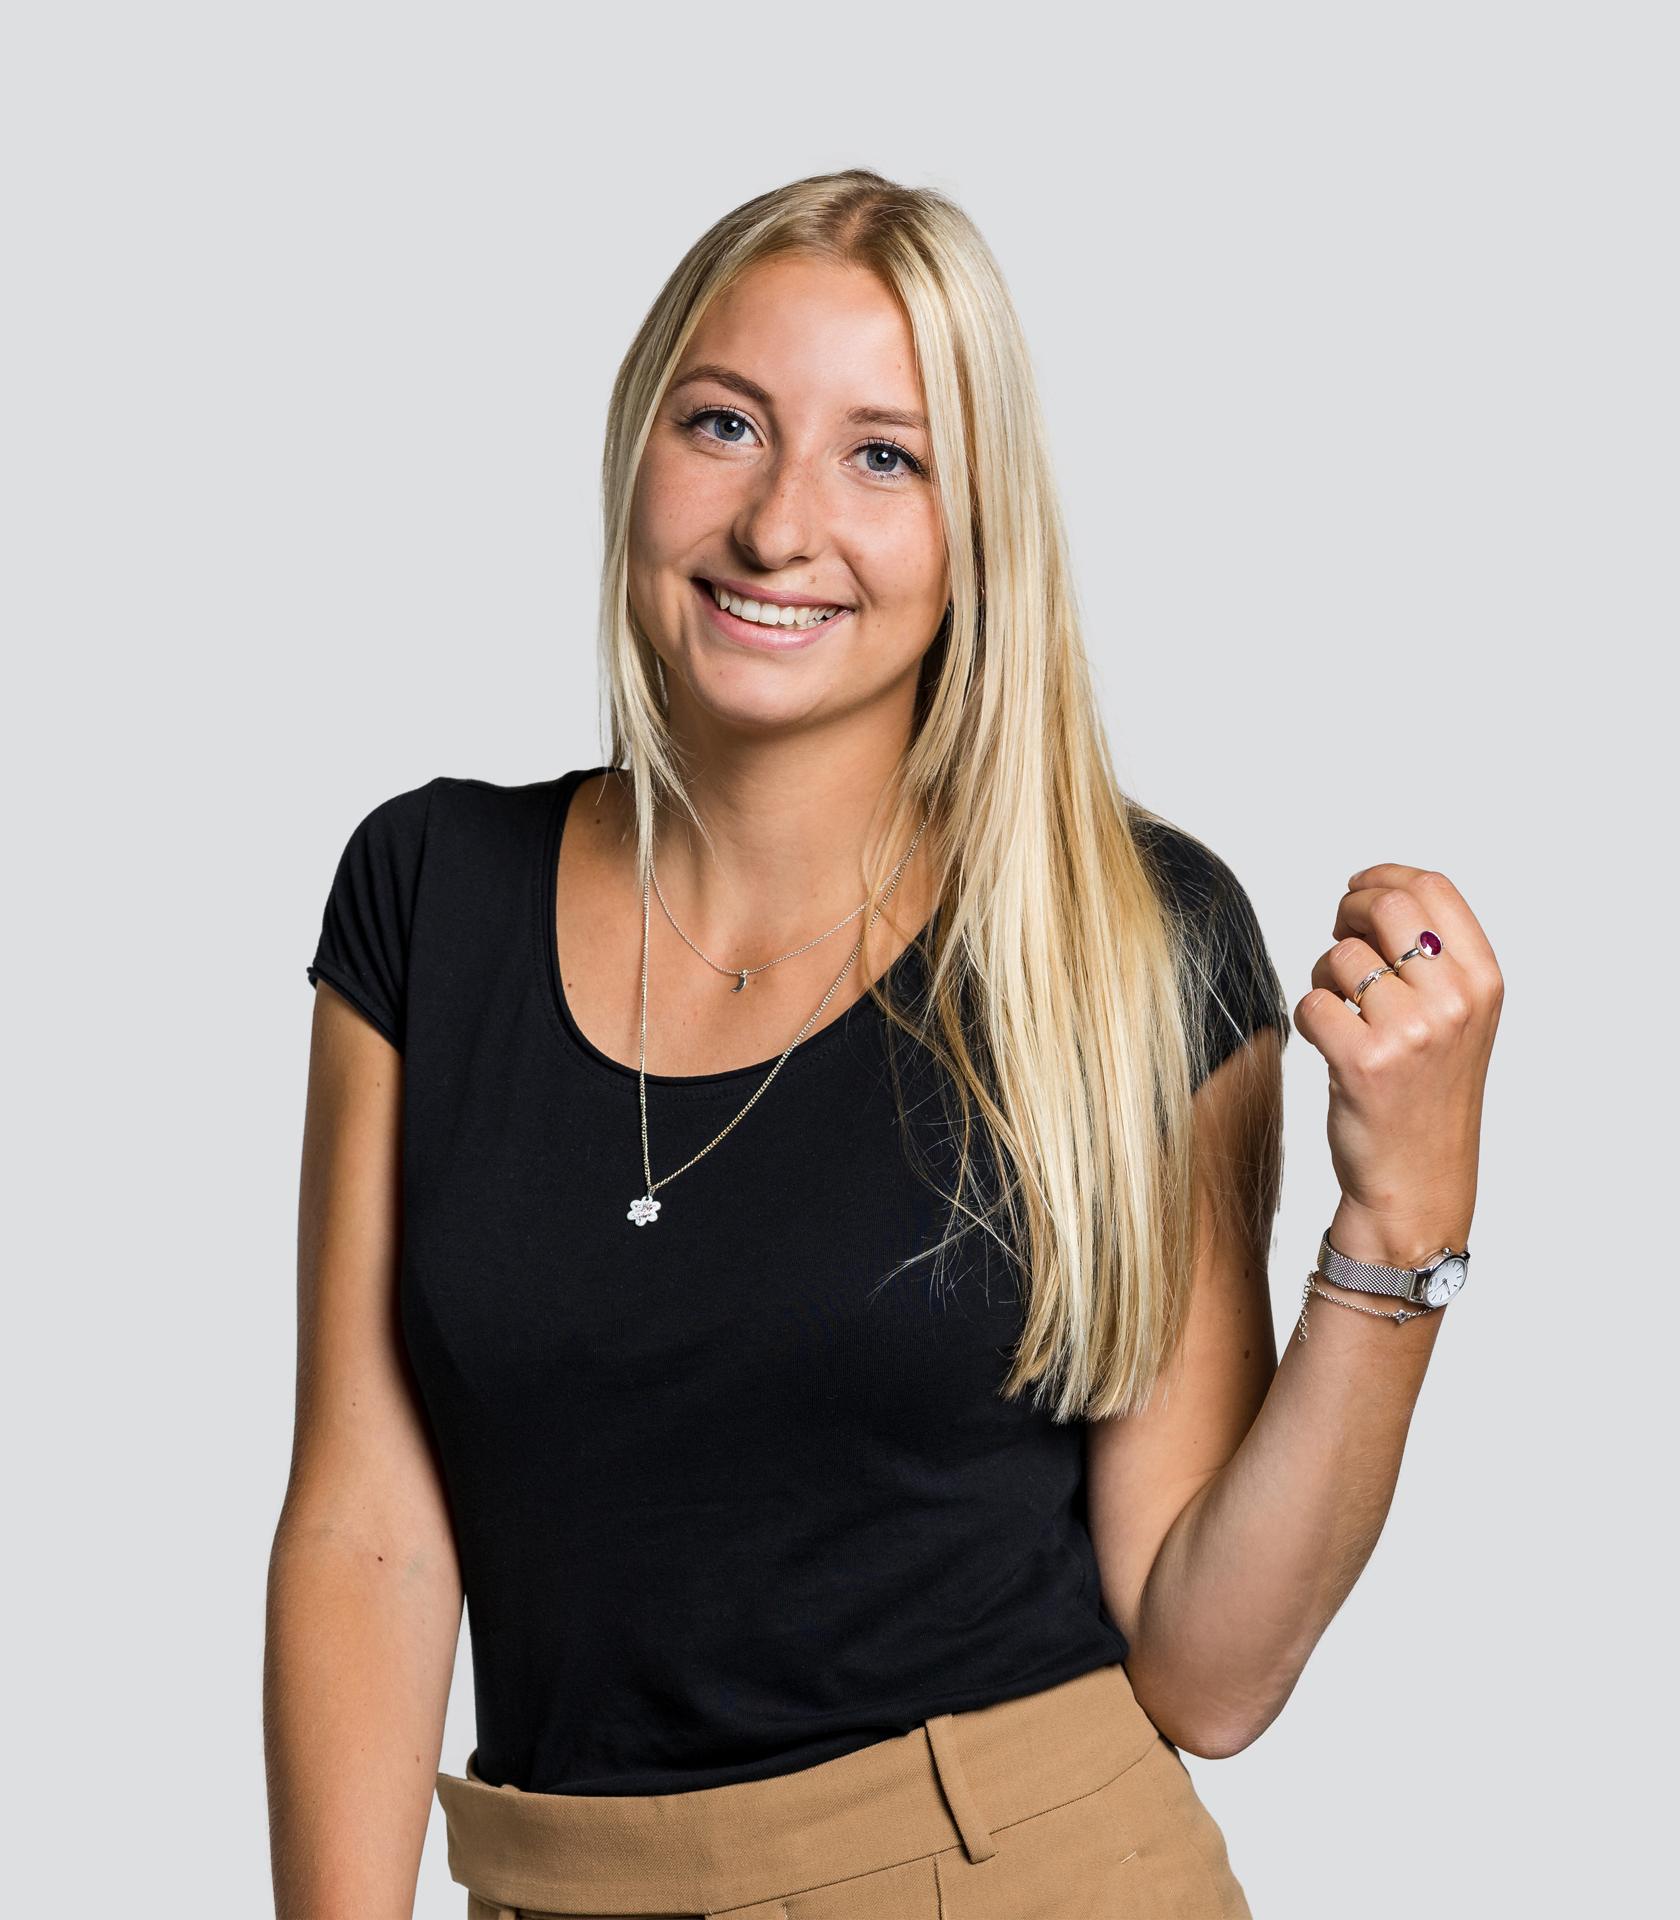 Charlotte Kloeg